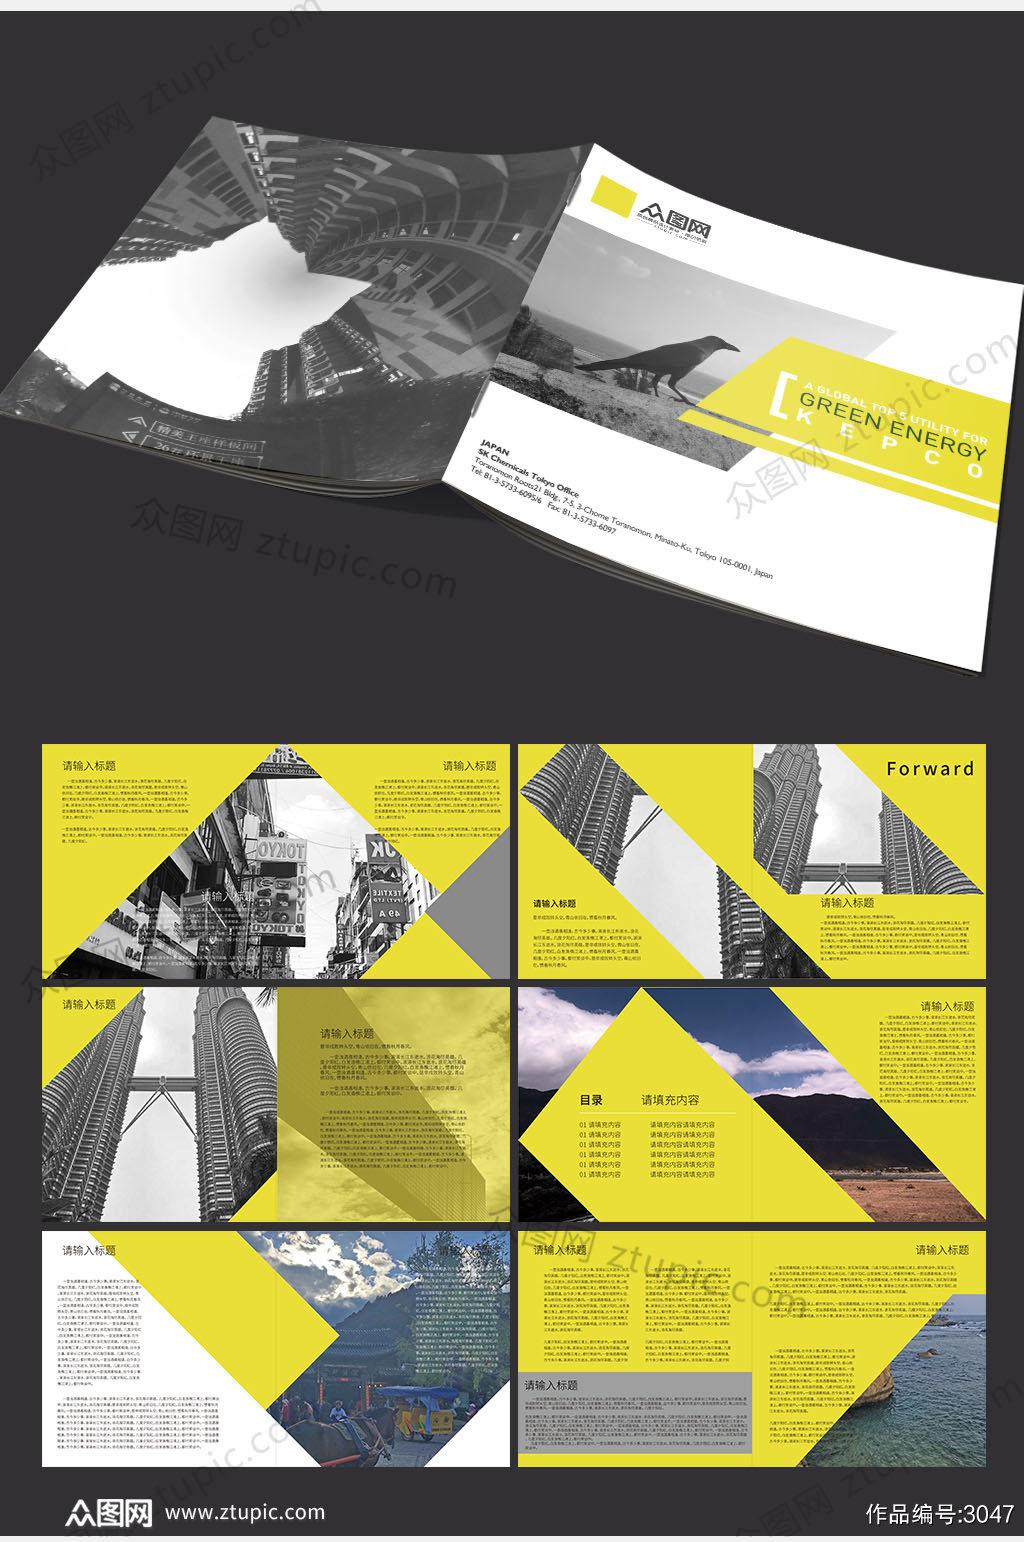 极简风格大气高端的企业画册设计素材